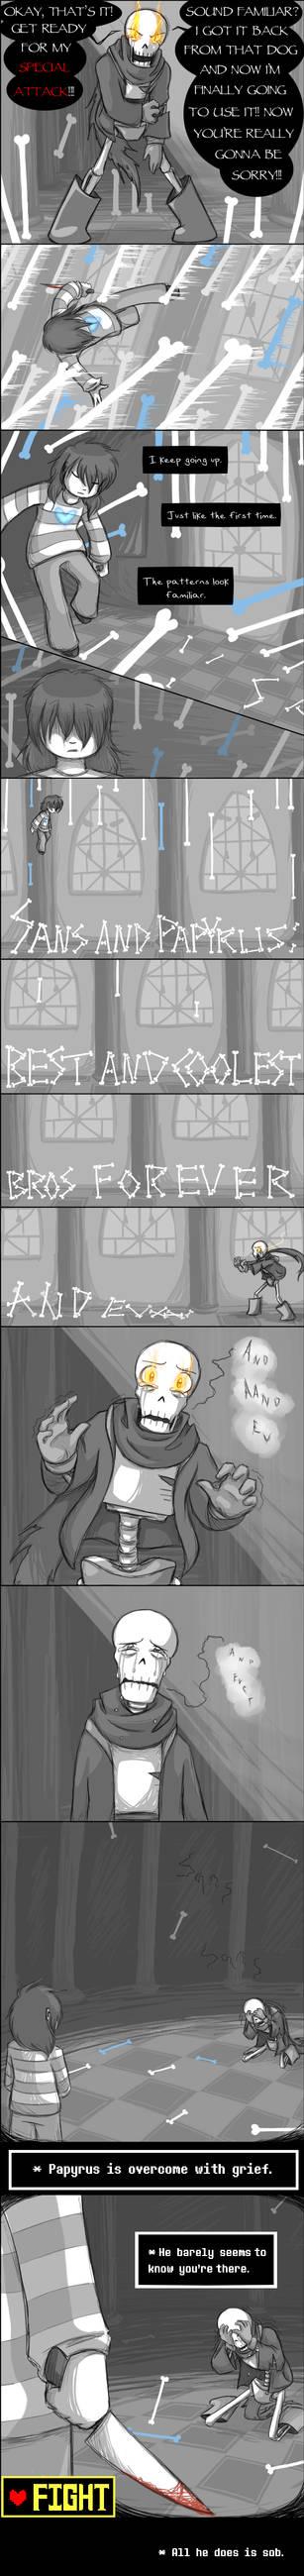 [UNDERTALE SPOILERS...?] The most precious attack